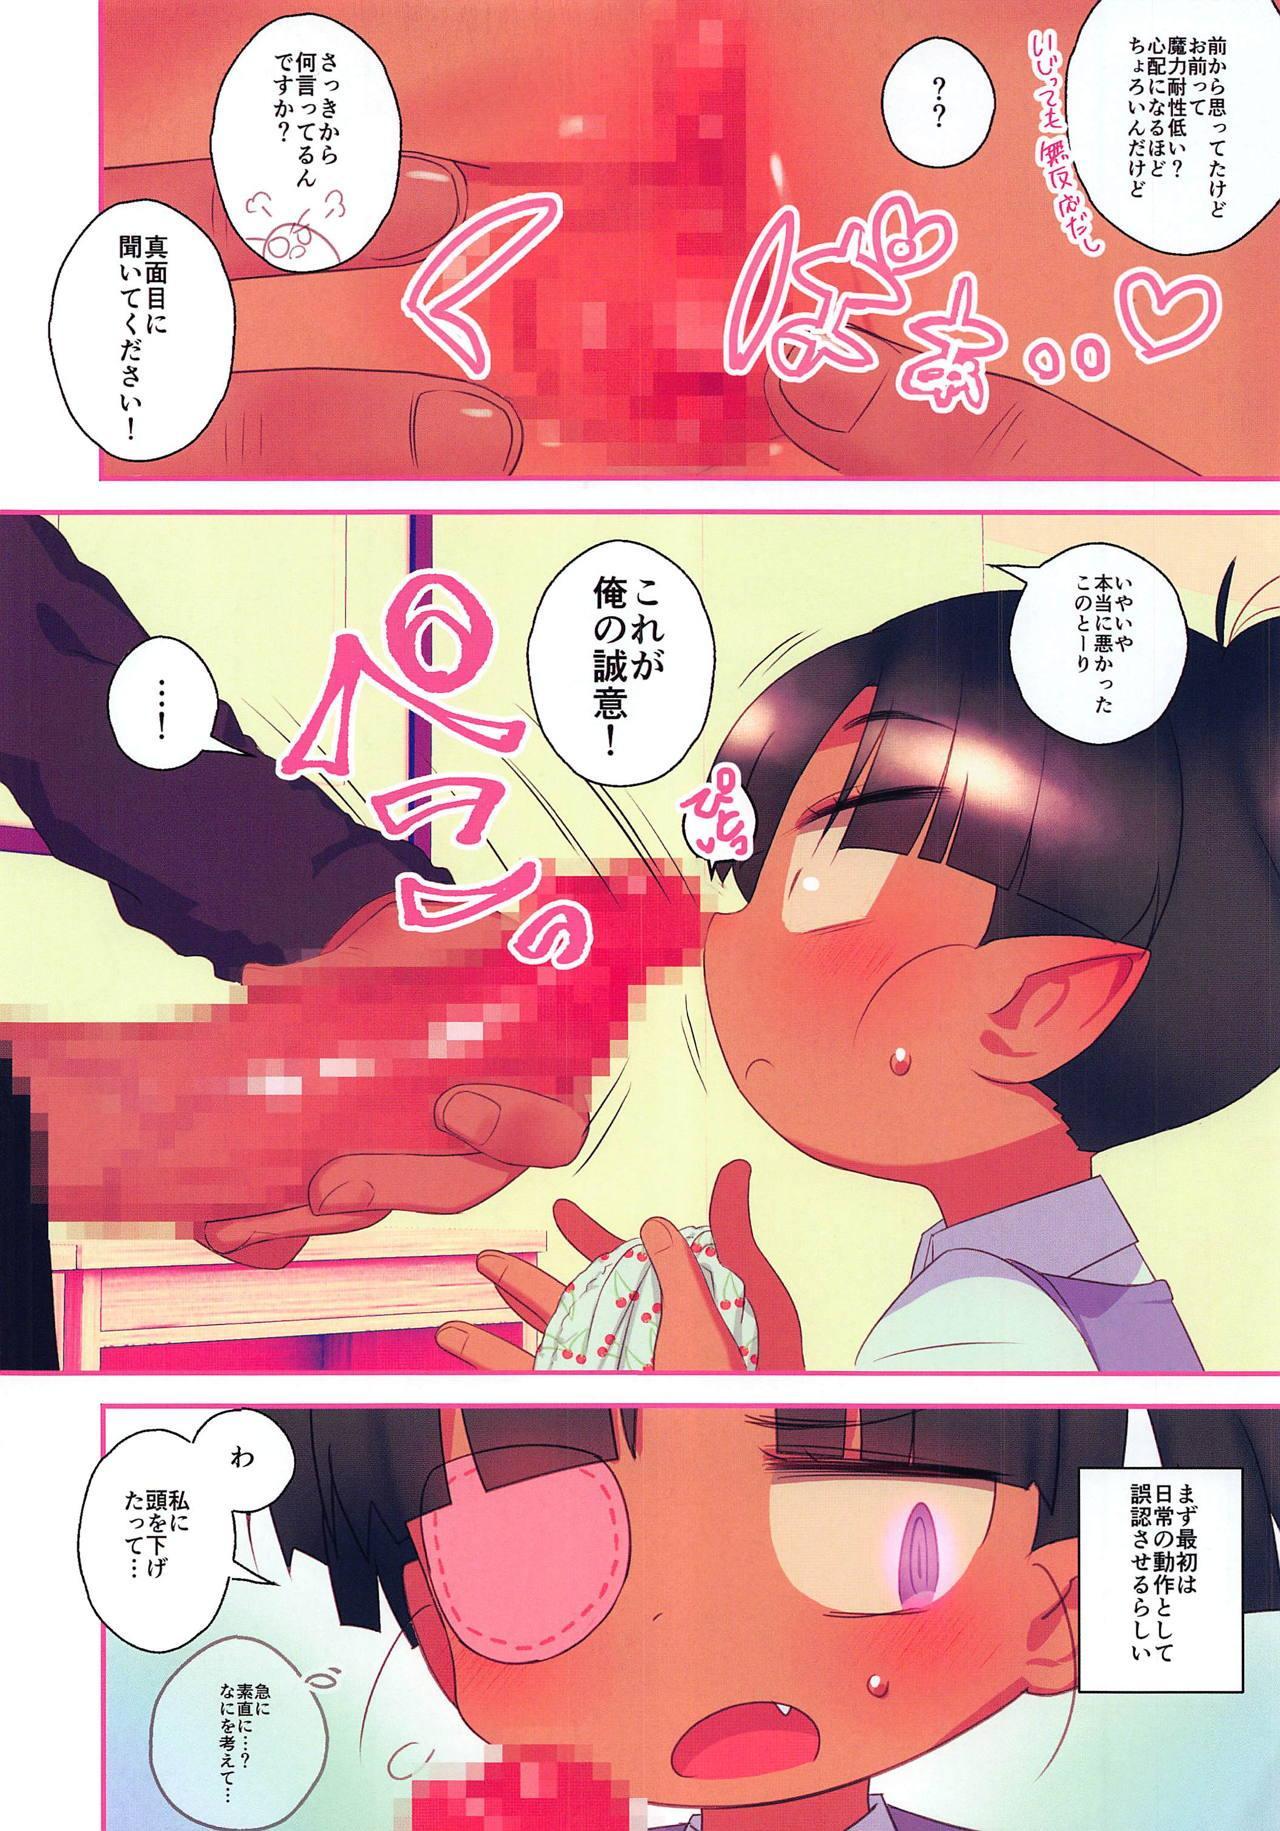 Kuchiurusai kara Saimin Ireyou 5